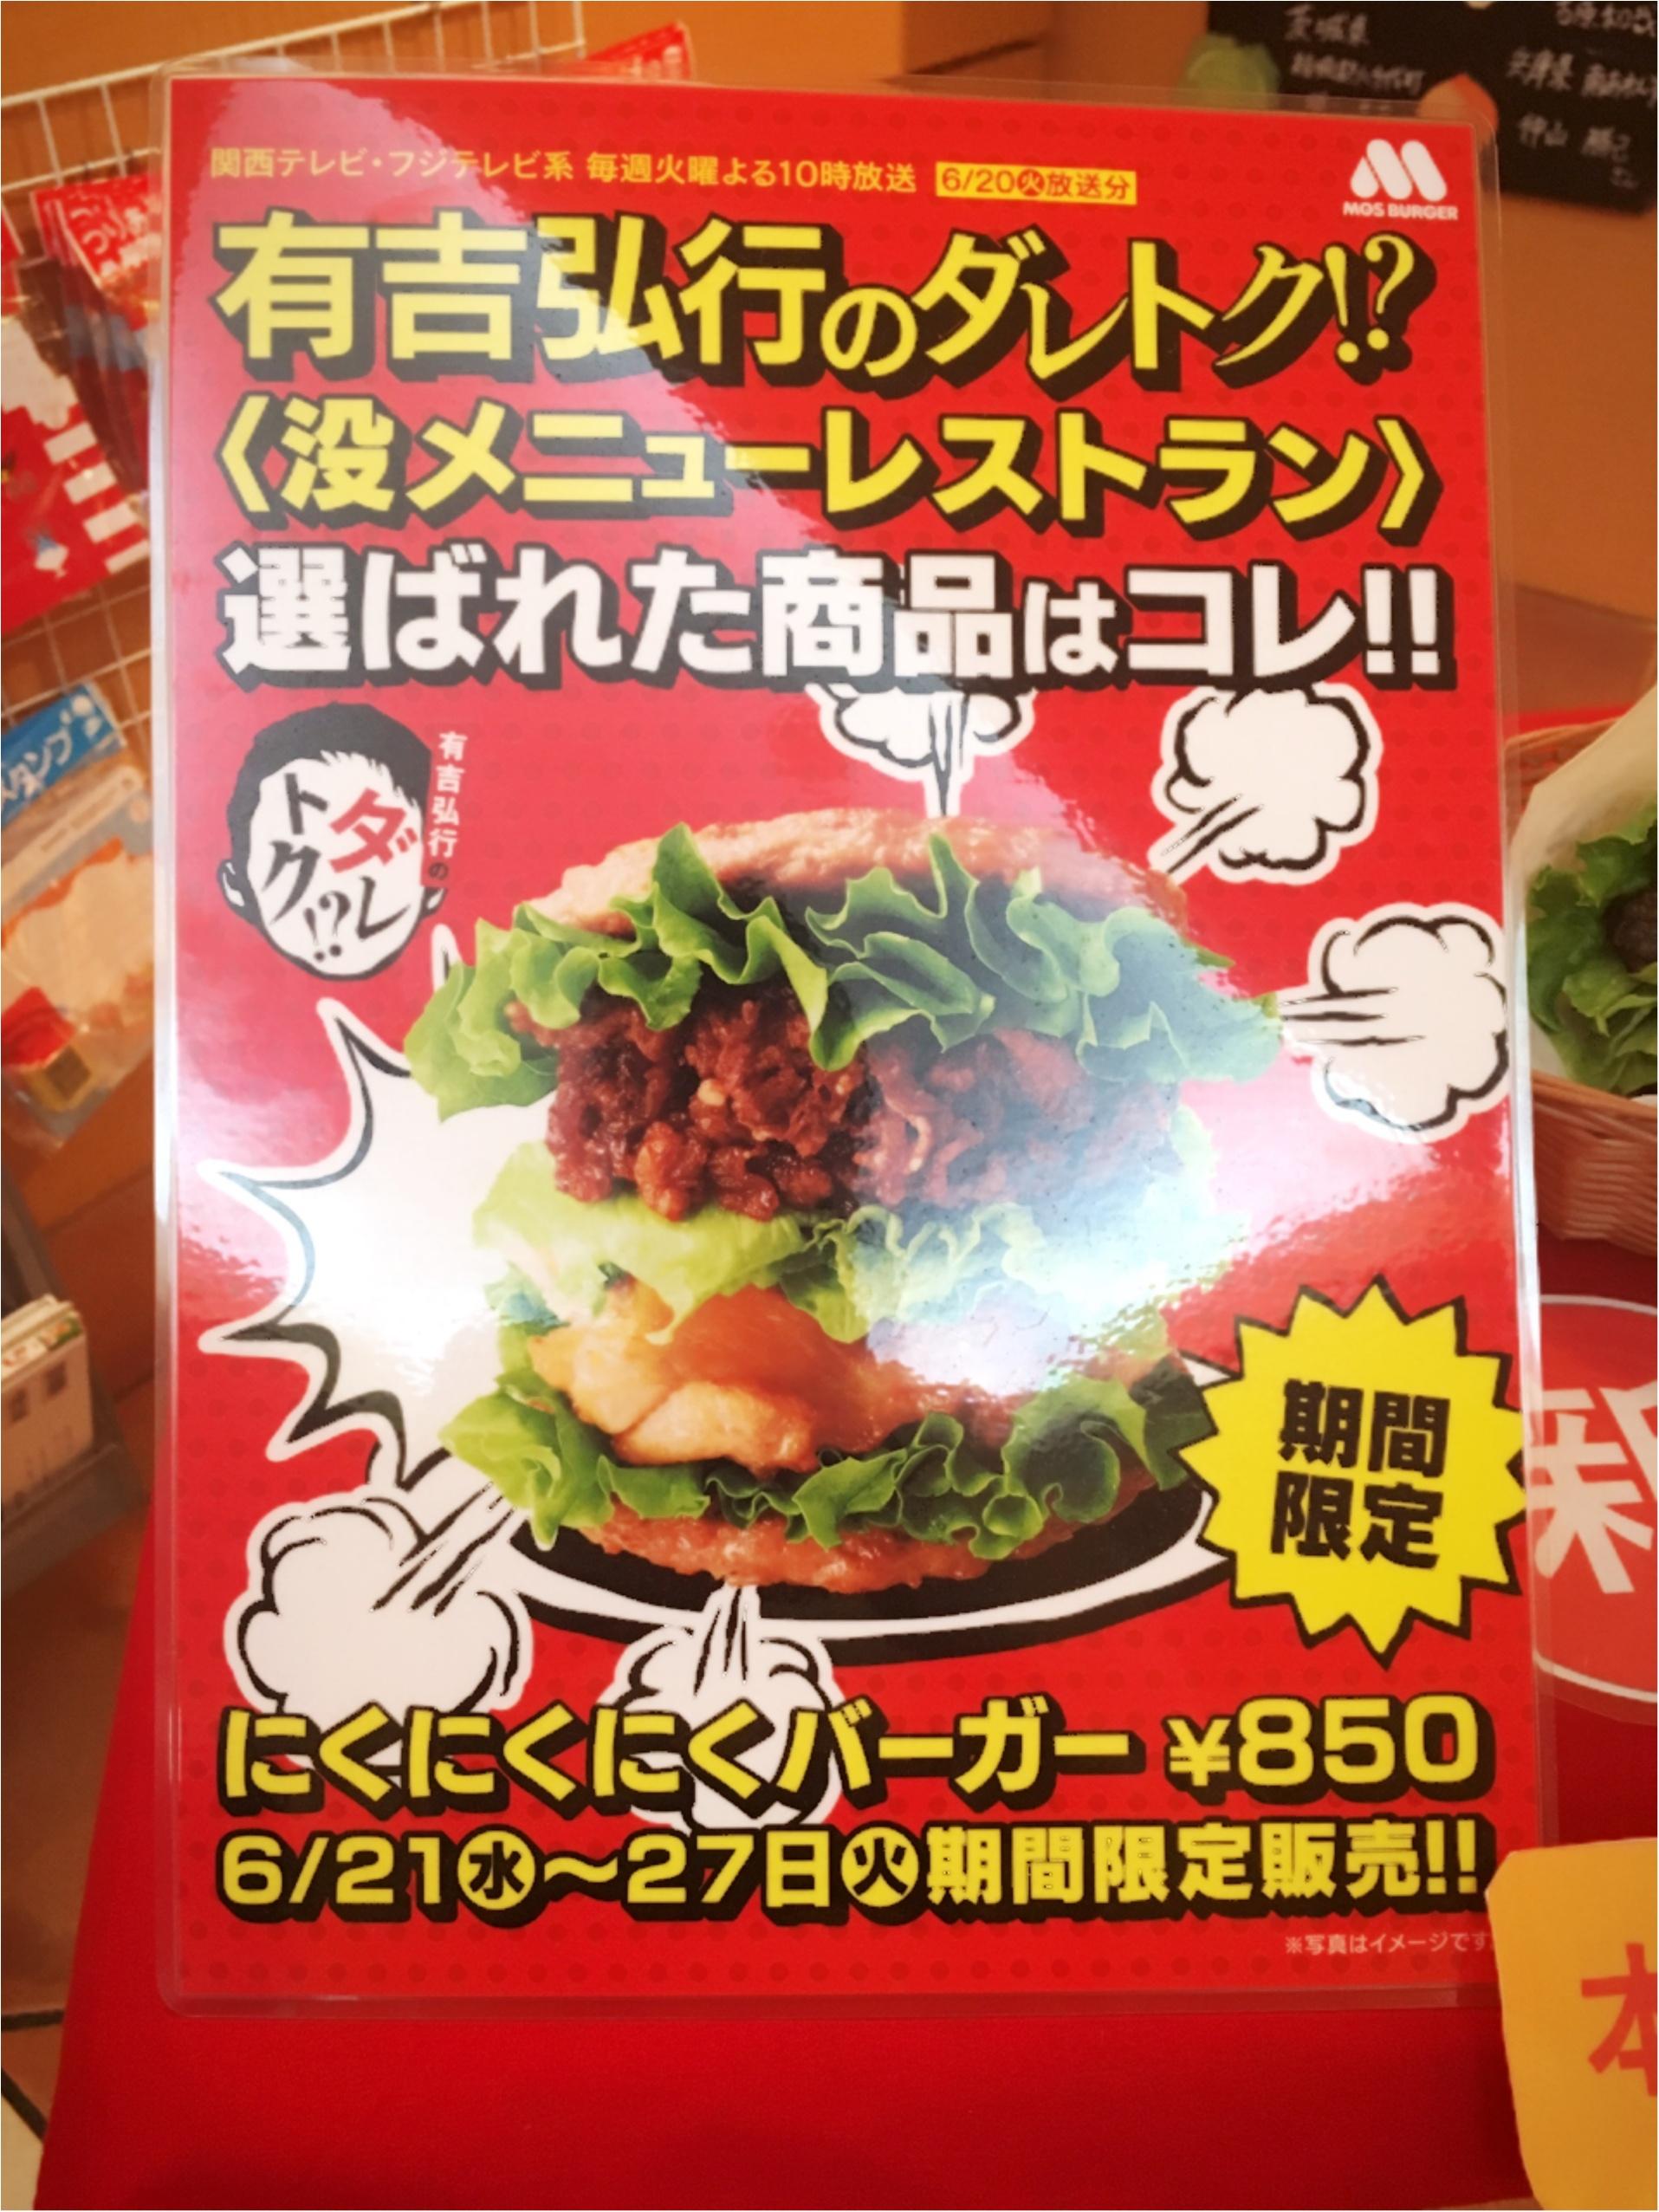 【7/2まで延長決定!】肉好きに捧ぐ‼︎お肉でお肉をはさむ⁉︎モスの衝撃バーガー‼︎_1